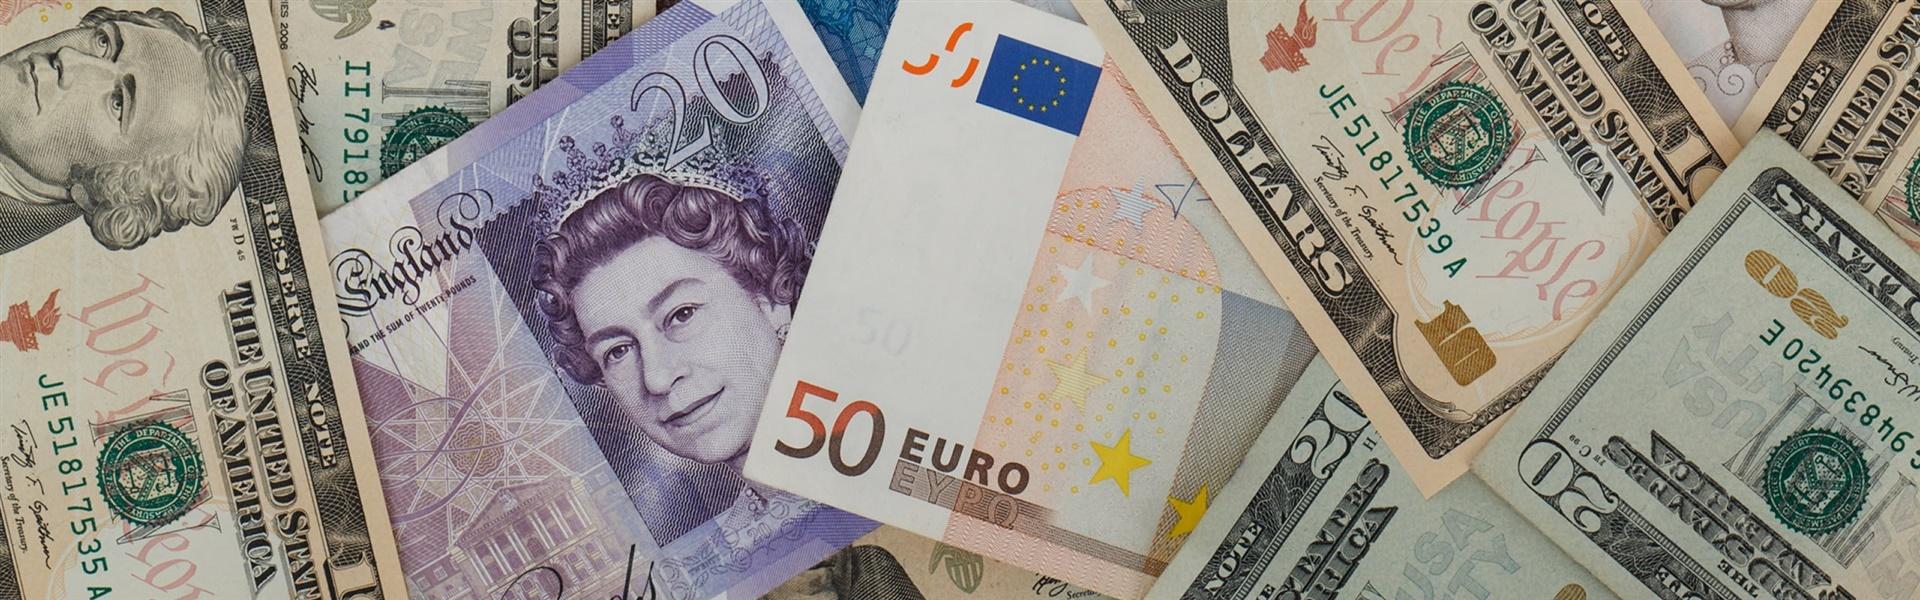 Cambio valuta gratuito on line